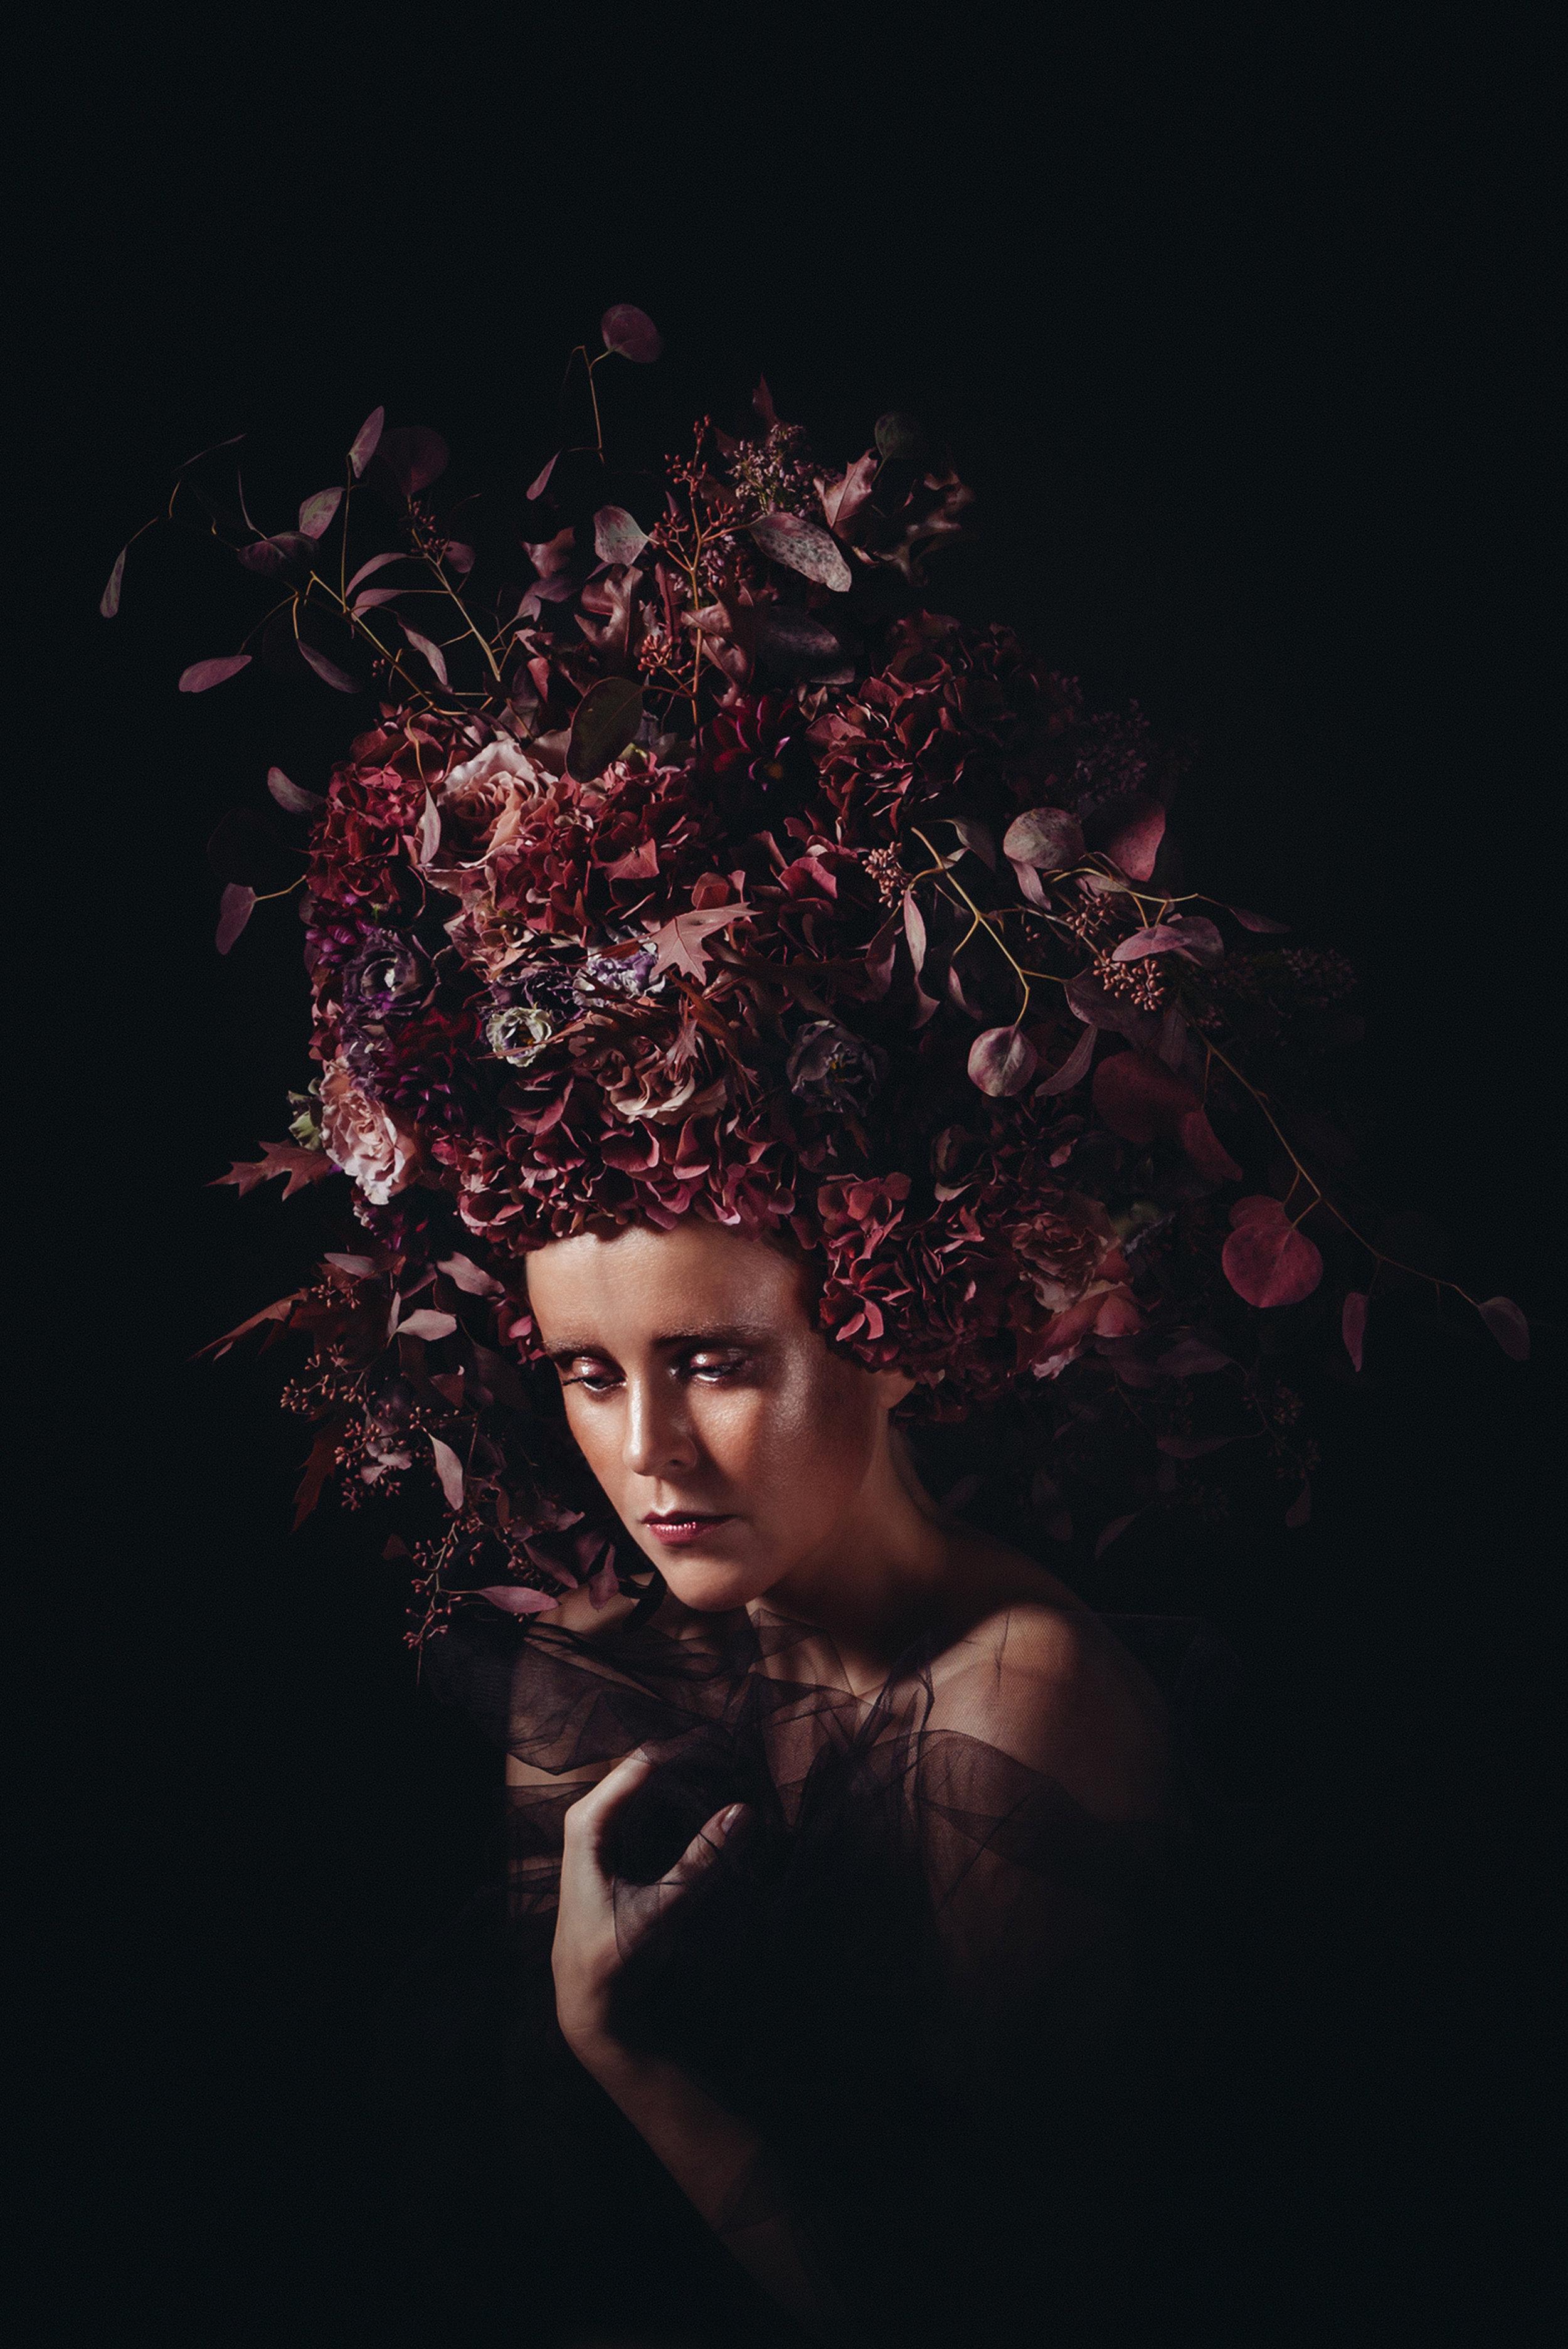 Claire-Minuit-Dark-23.jpg